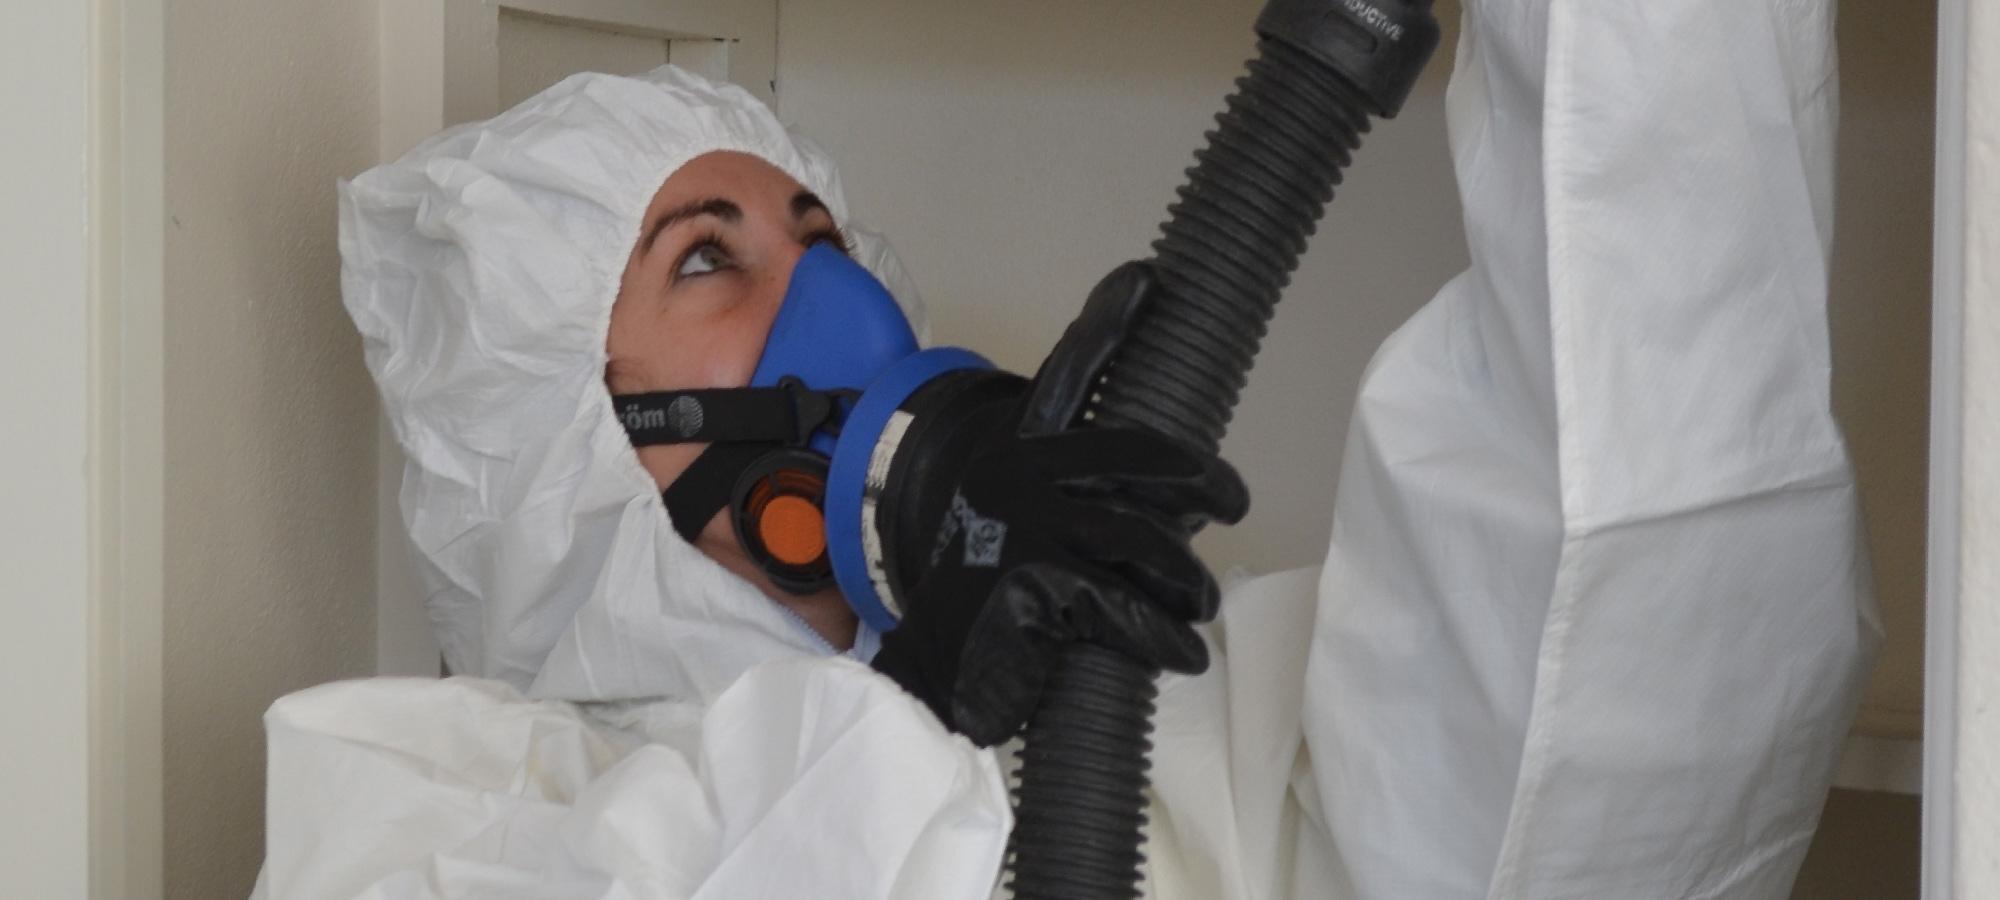 Asbestos Removal Sydney (@asbestosremovalsydney) Cover Image